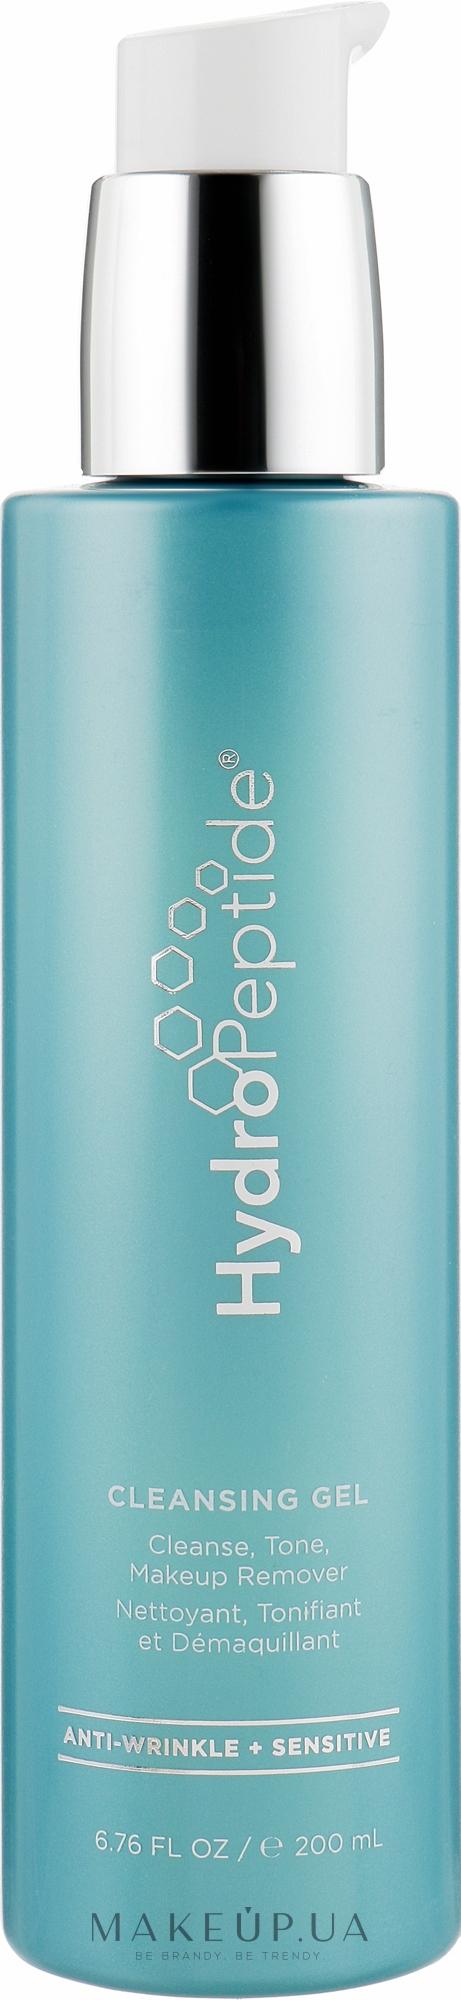 Очищающий гель с эффектом тонизации - HydroPeptide Cleansing Gel — фото 200ml